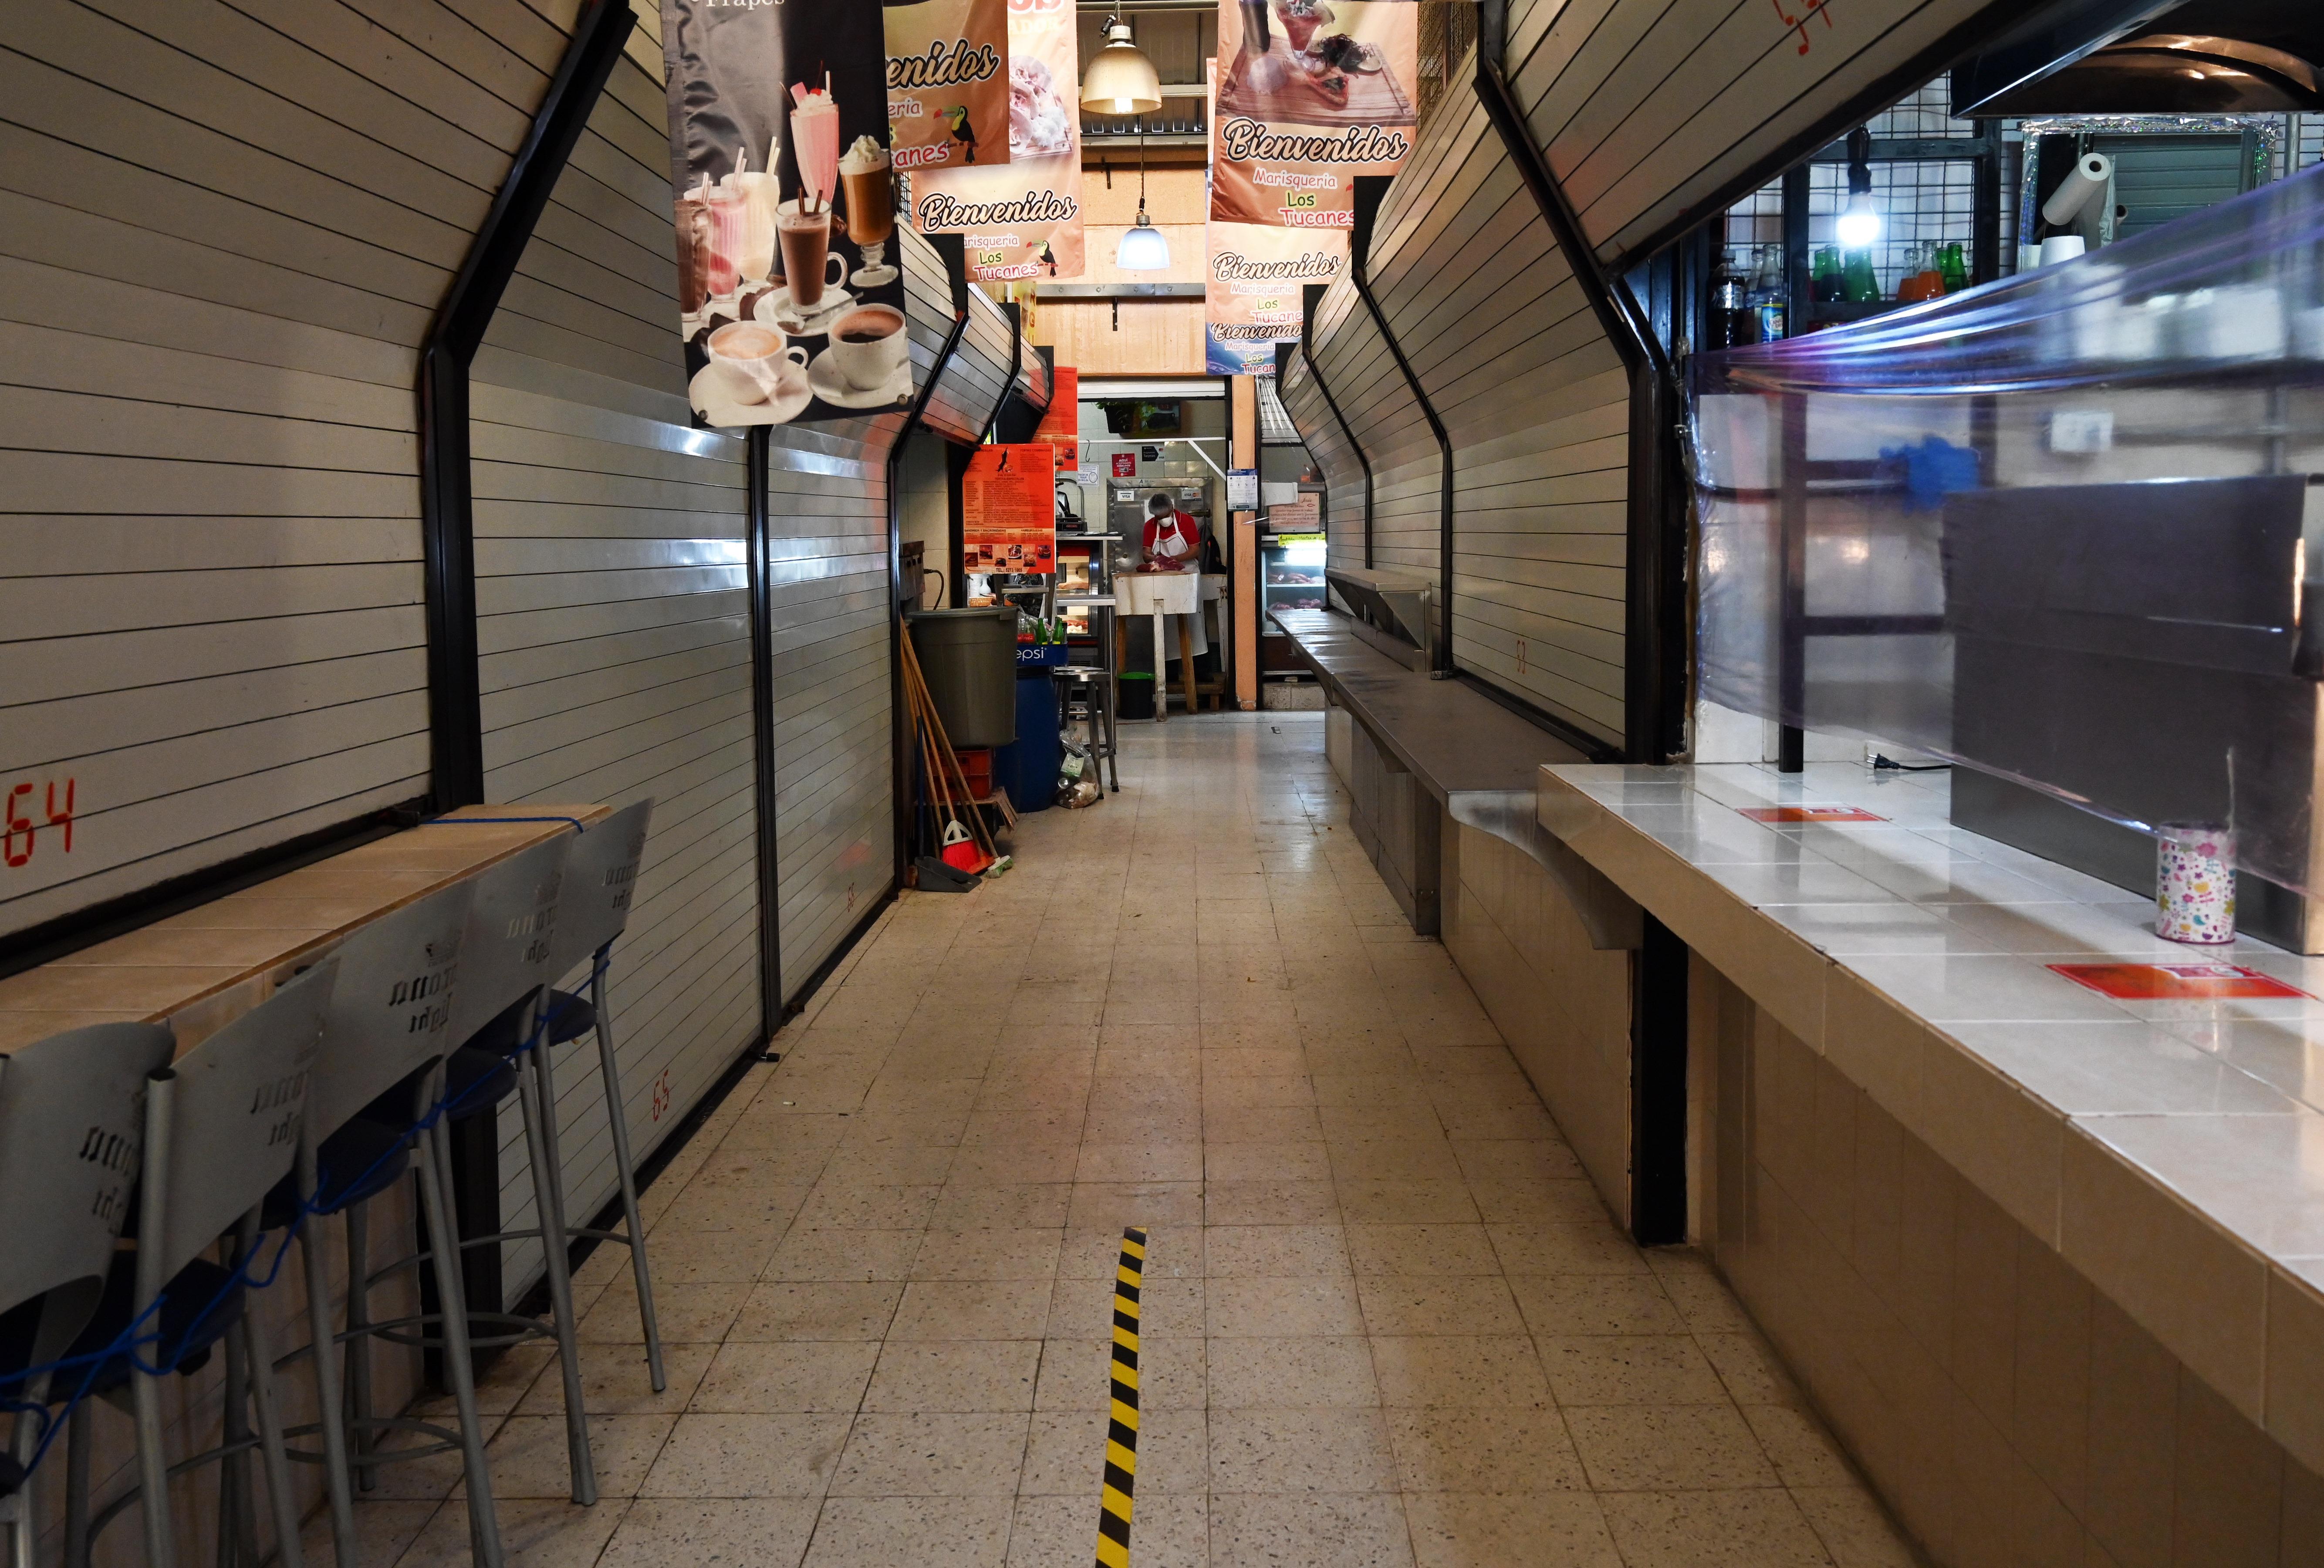 Un hombre trabaja en su carnicería, mientras que los restaurantes permanecen cerrados en un mercado popular en la Ciudad de México el 29 de junio de 2020. (Foto: RODRIGO ARANGUA / AFP)